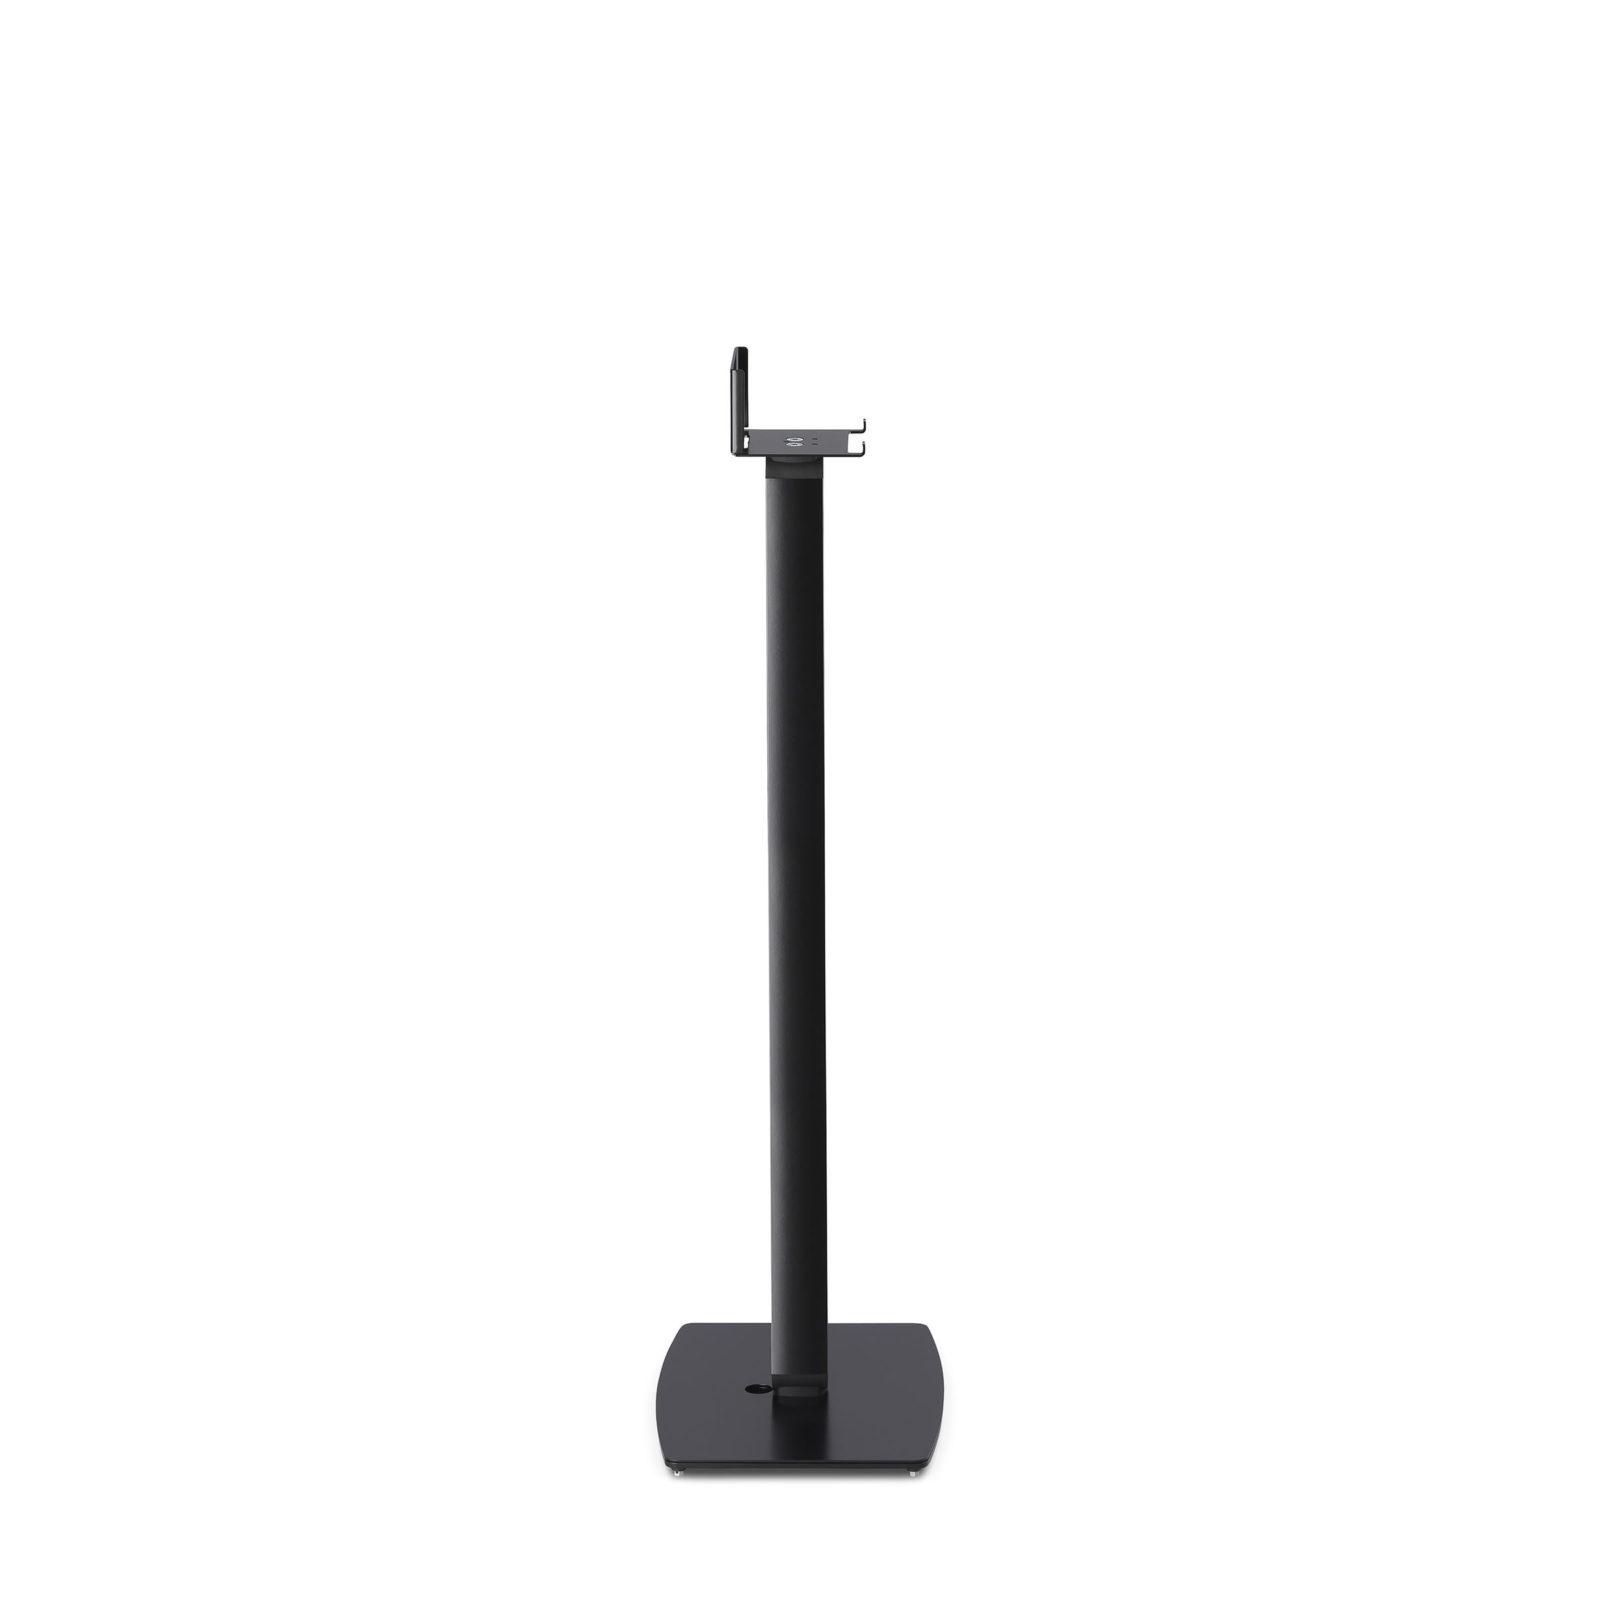 Bose SoundTouch 10 standaard zwart 5